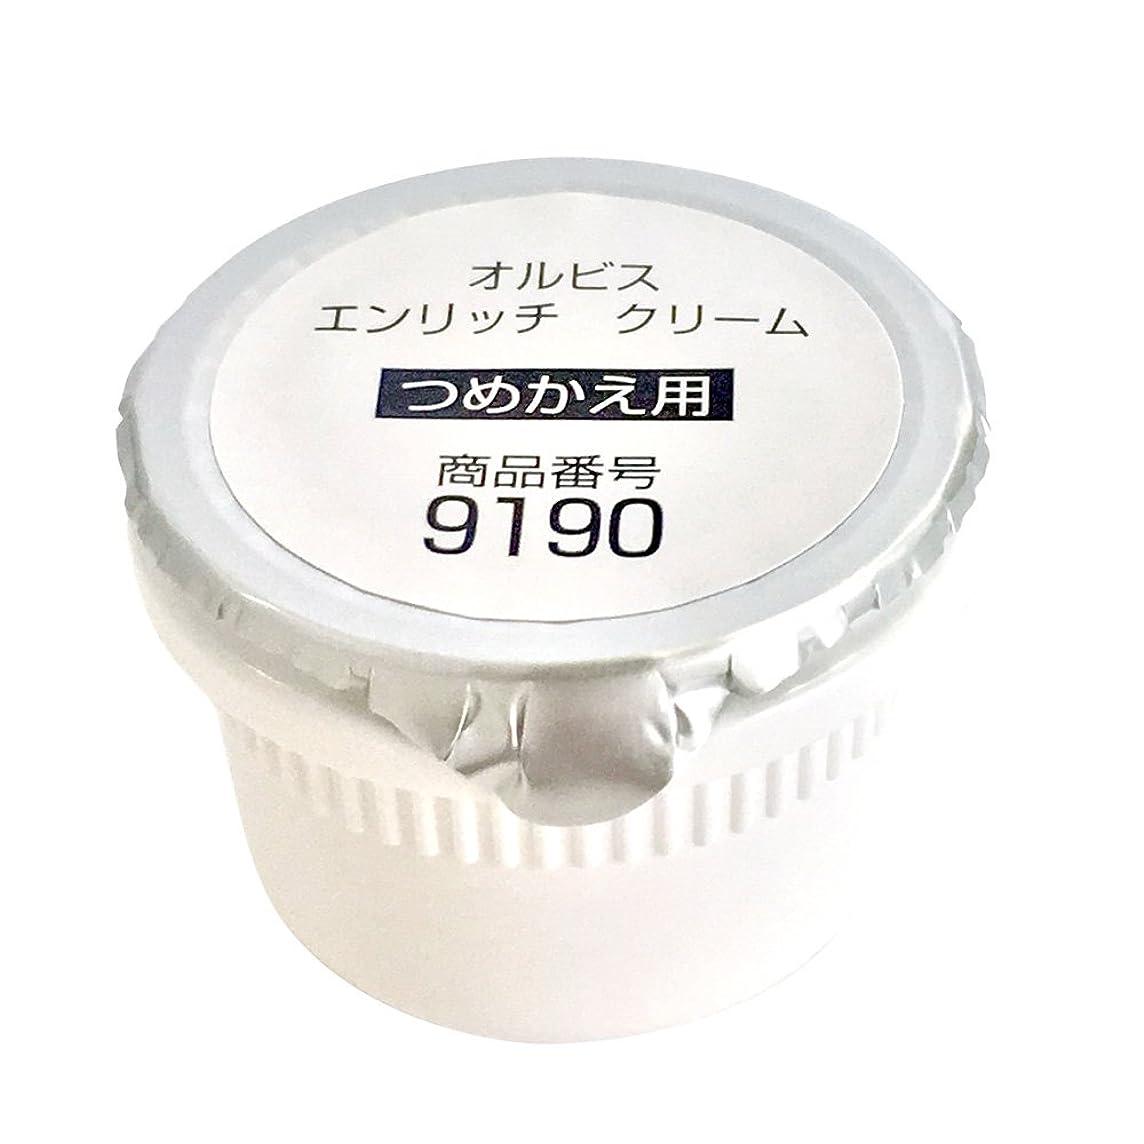 節約する塗抹ところでオルビス(ORBIS) エンリッチ クリーム 詰替 30g ◎エイジングケアクリーム◎